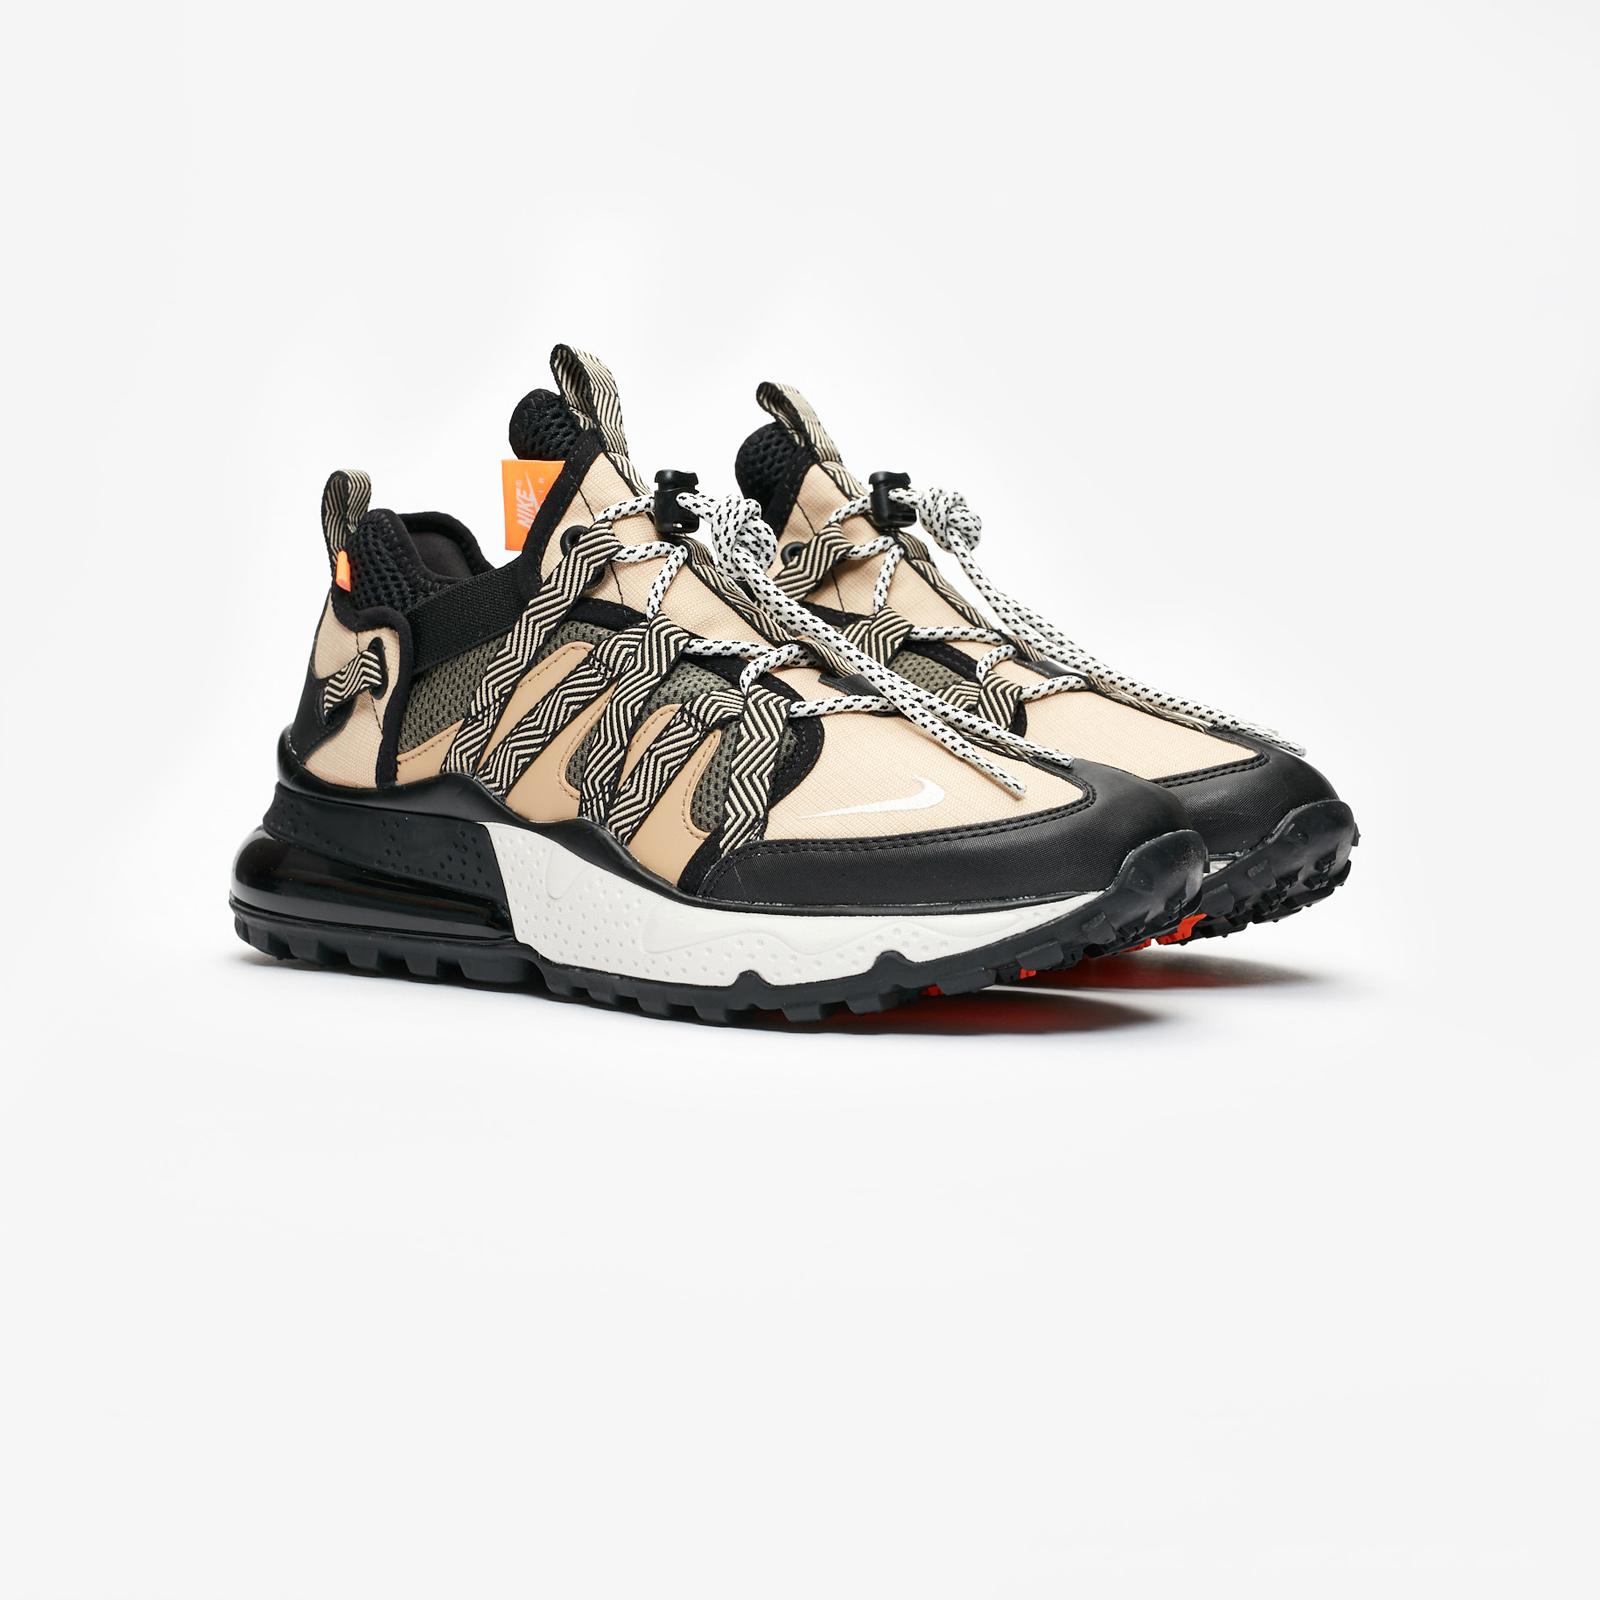 6fe9ceb26cef Nike Air Max 270 Bowfin - Aj7200-001 - Sneakersnstuff